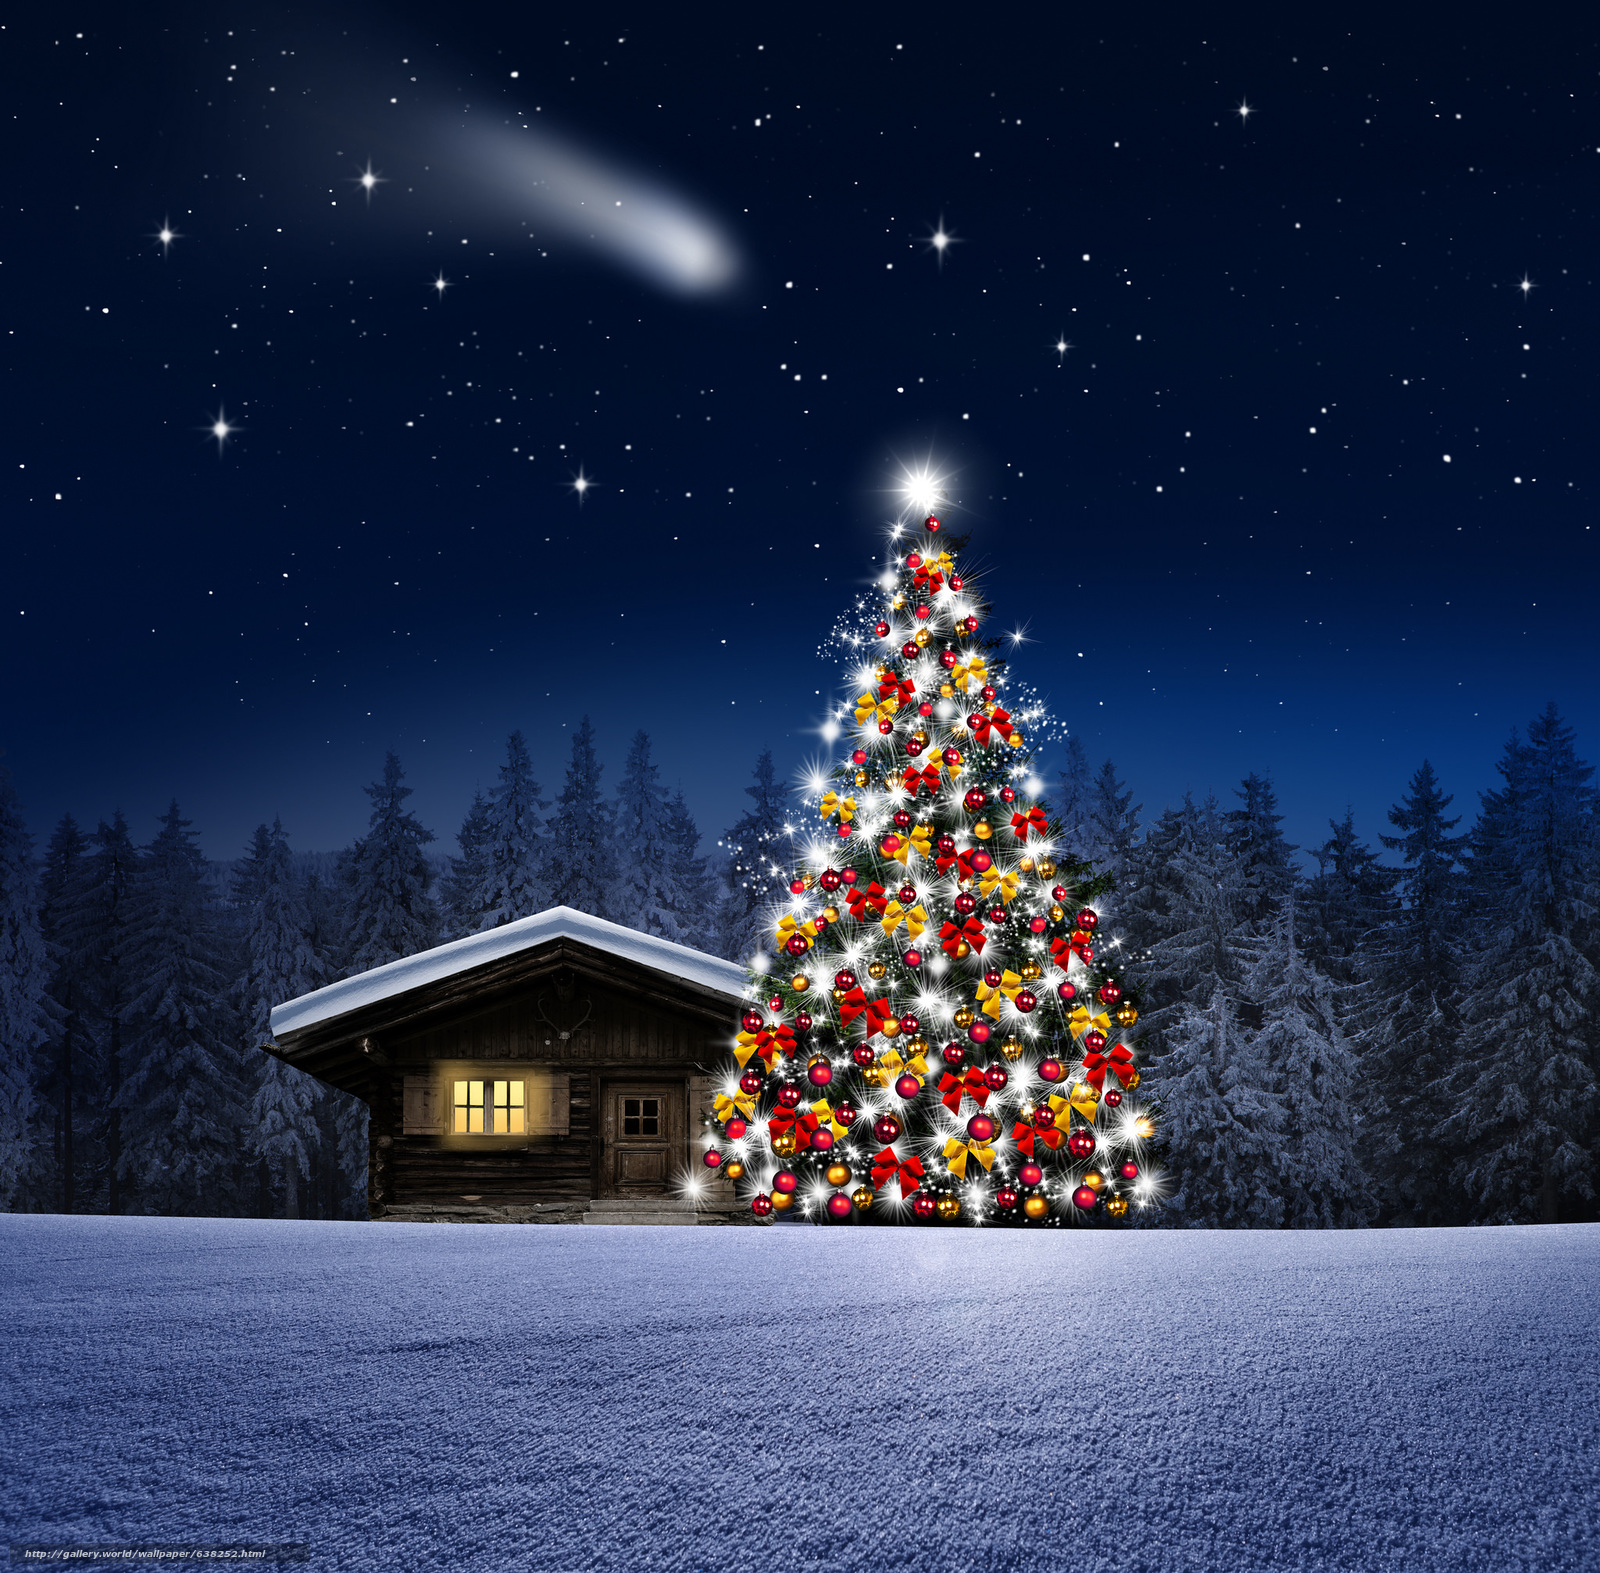 Скачать обои ночь,  новогодняя ёлка,  домик,  деревья бесплатно для рабочего стола в разрешении 2048x2014 — картинка №638252